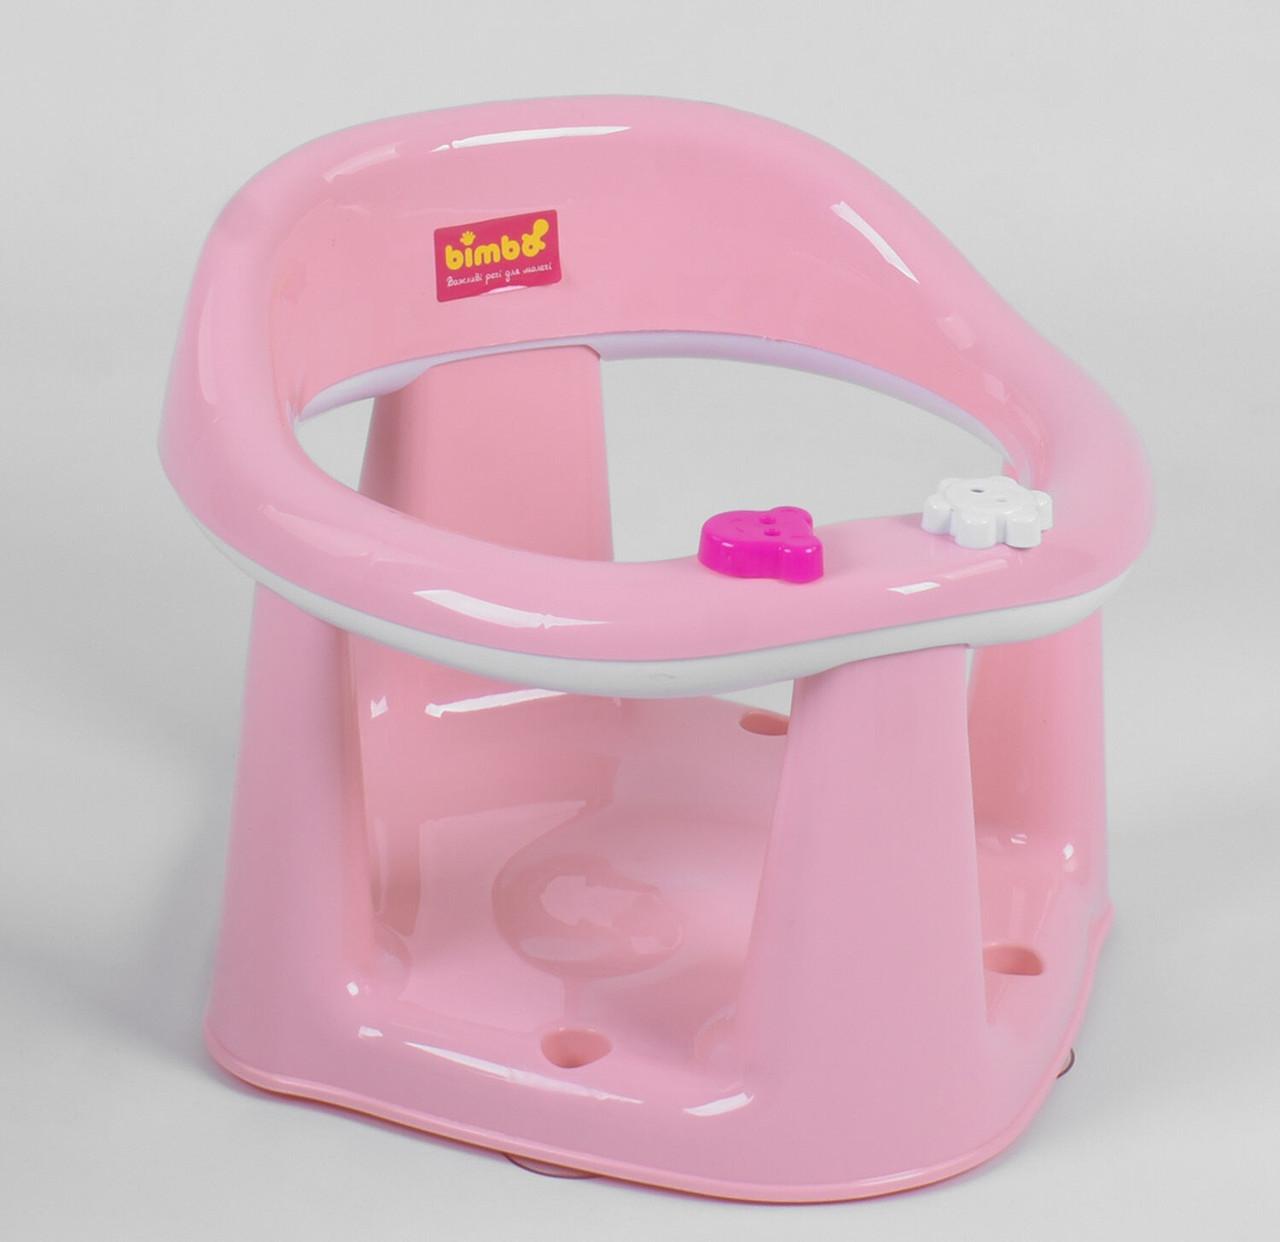 """Детское сиденье для купания на присосках BM-22305 """"BIMBO"""" с вращающимися игрушками Светло-розовый"""